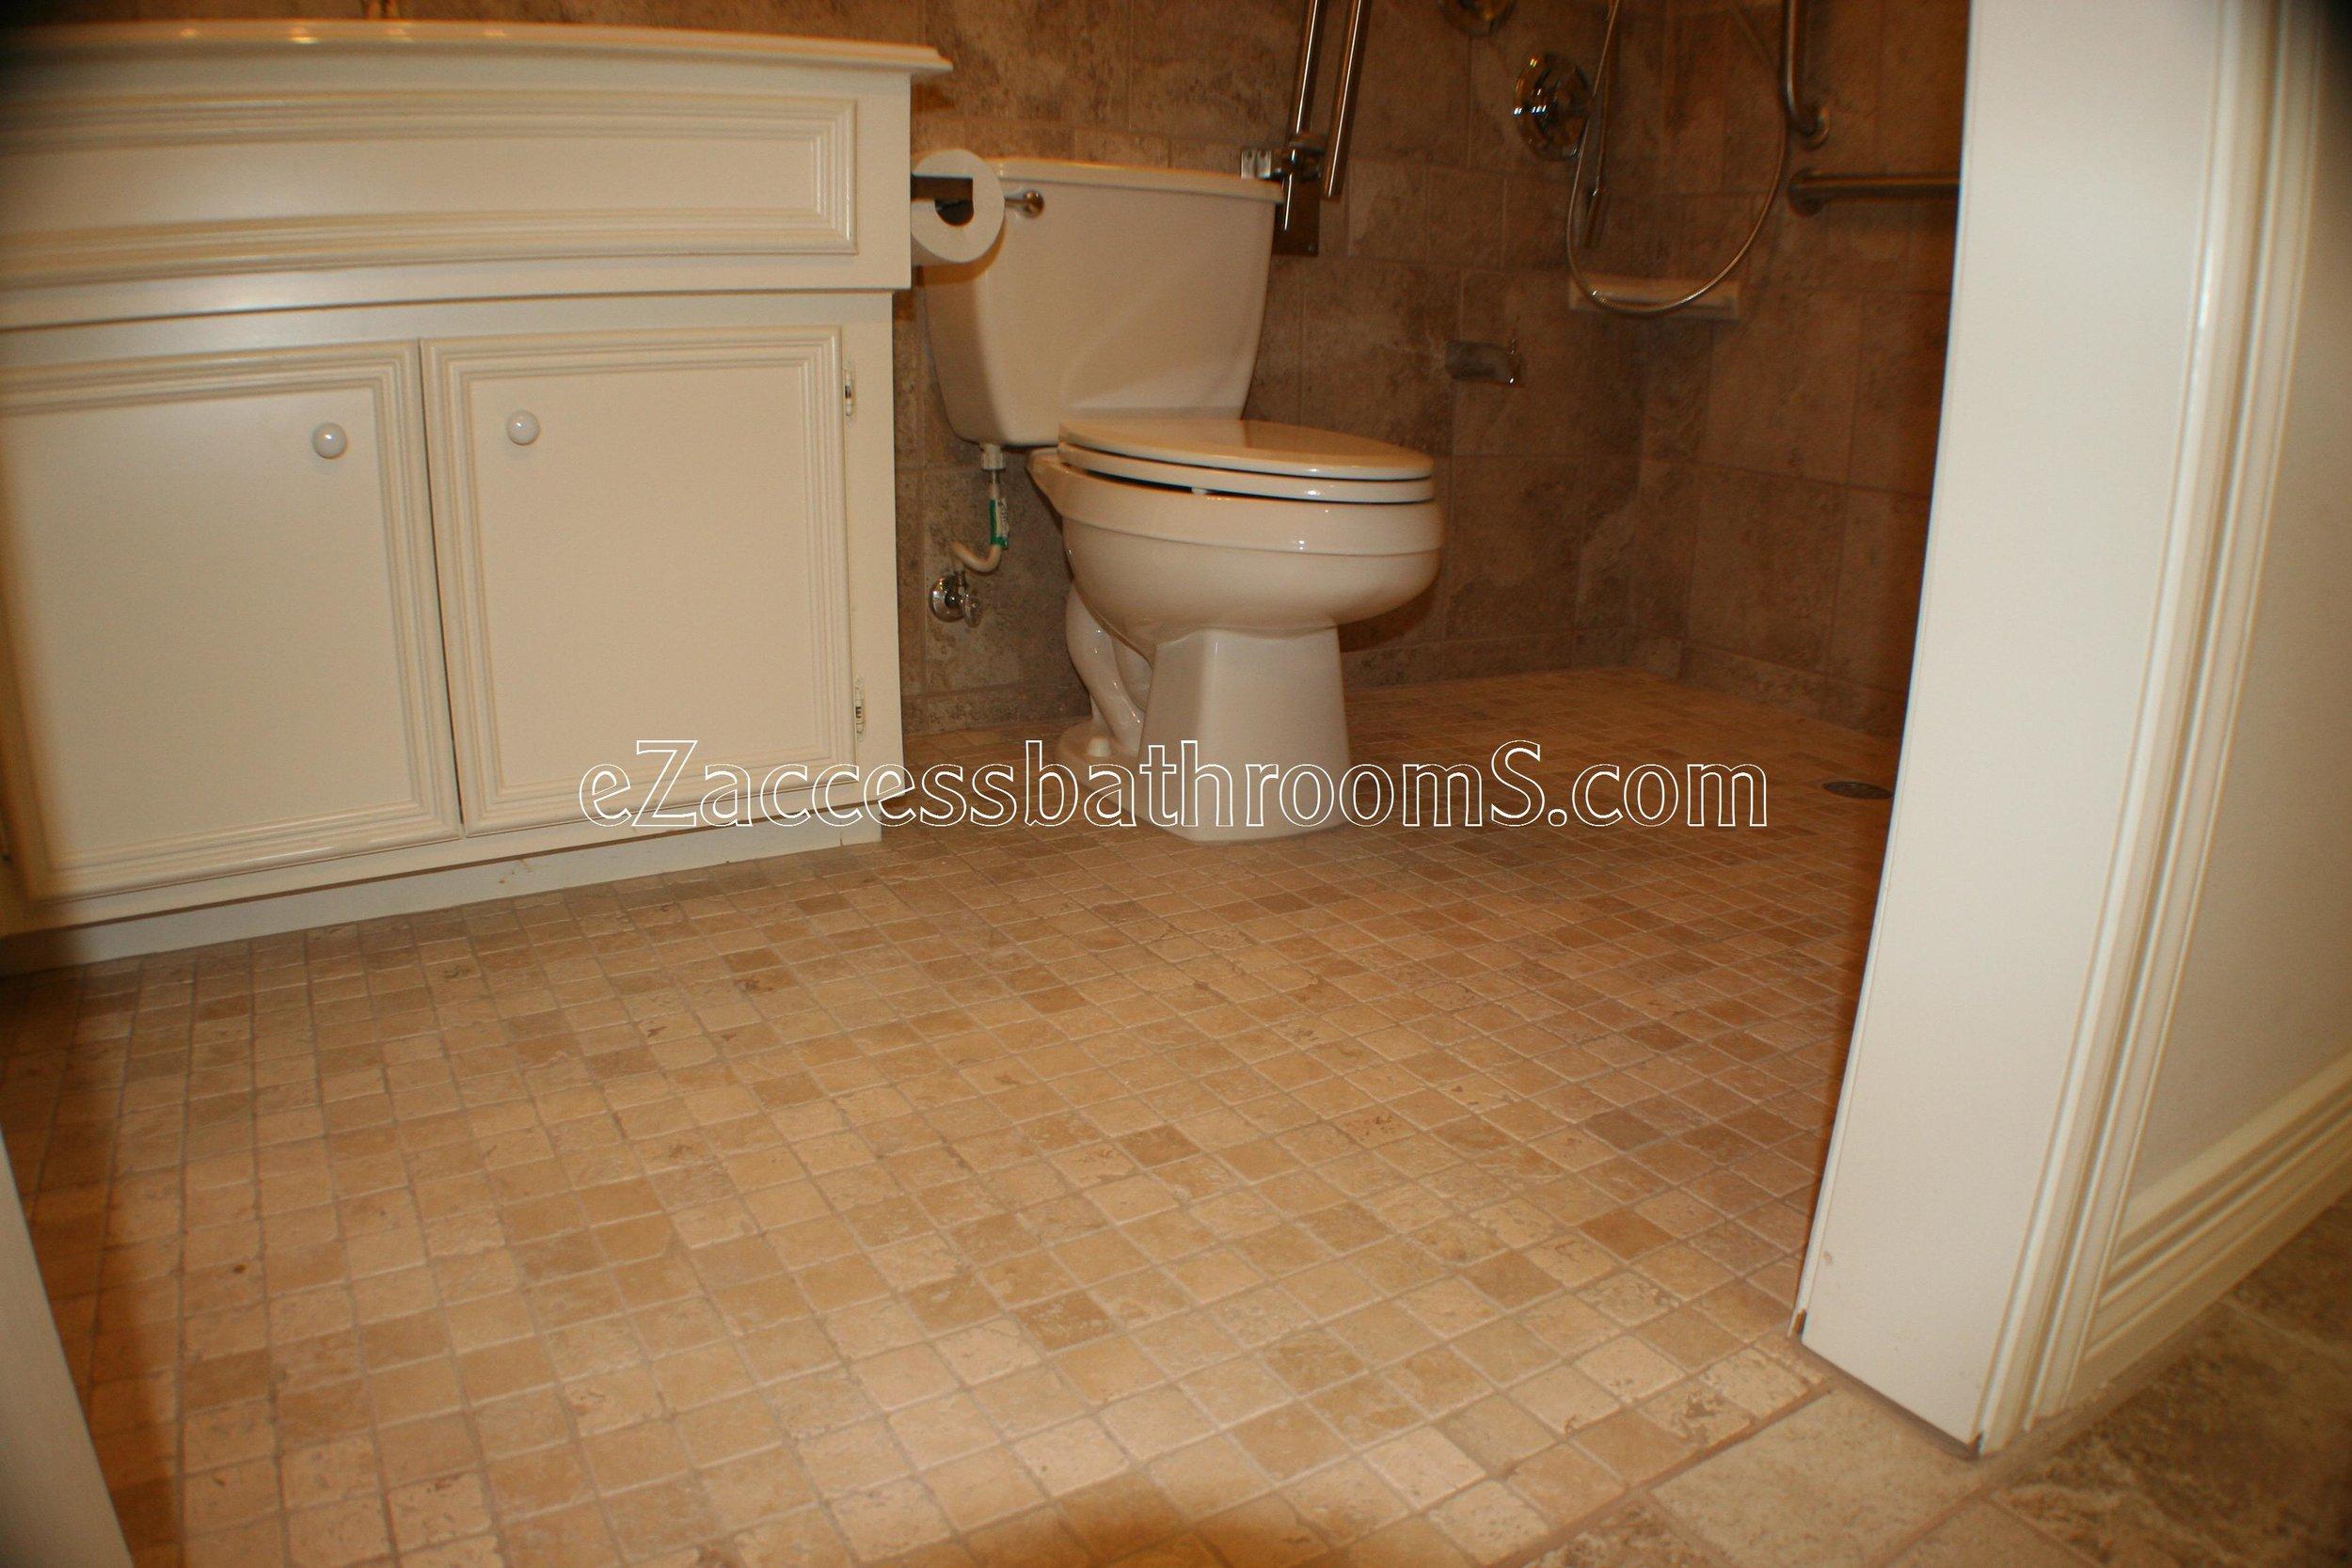 handicap bathroom 01 ezacessbathrooms.com 004.jpg